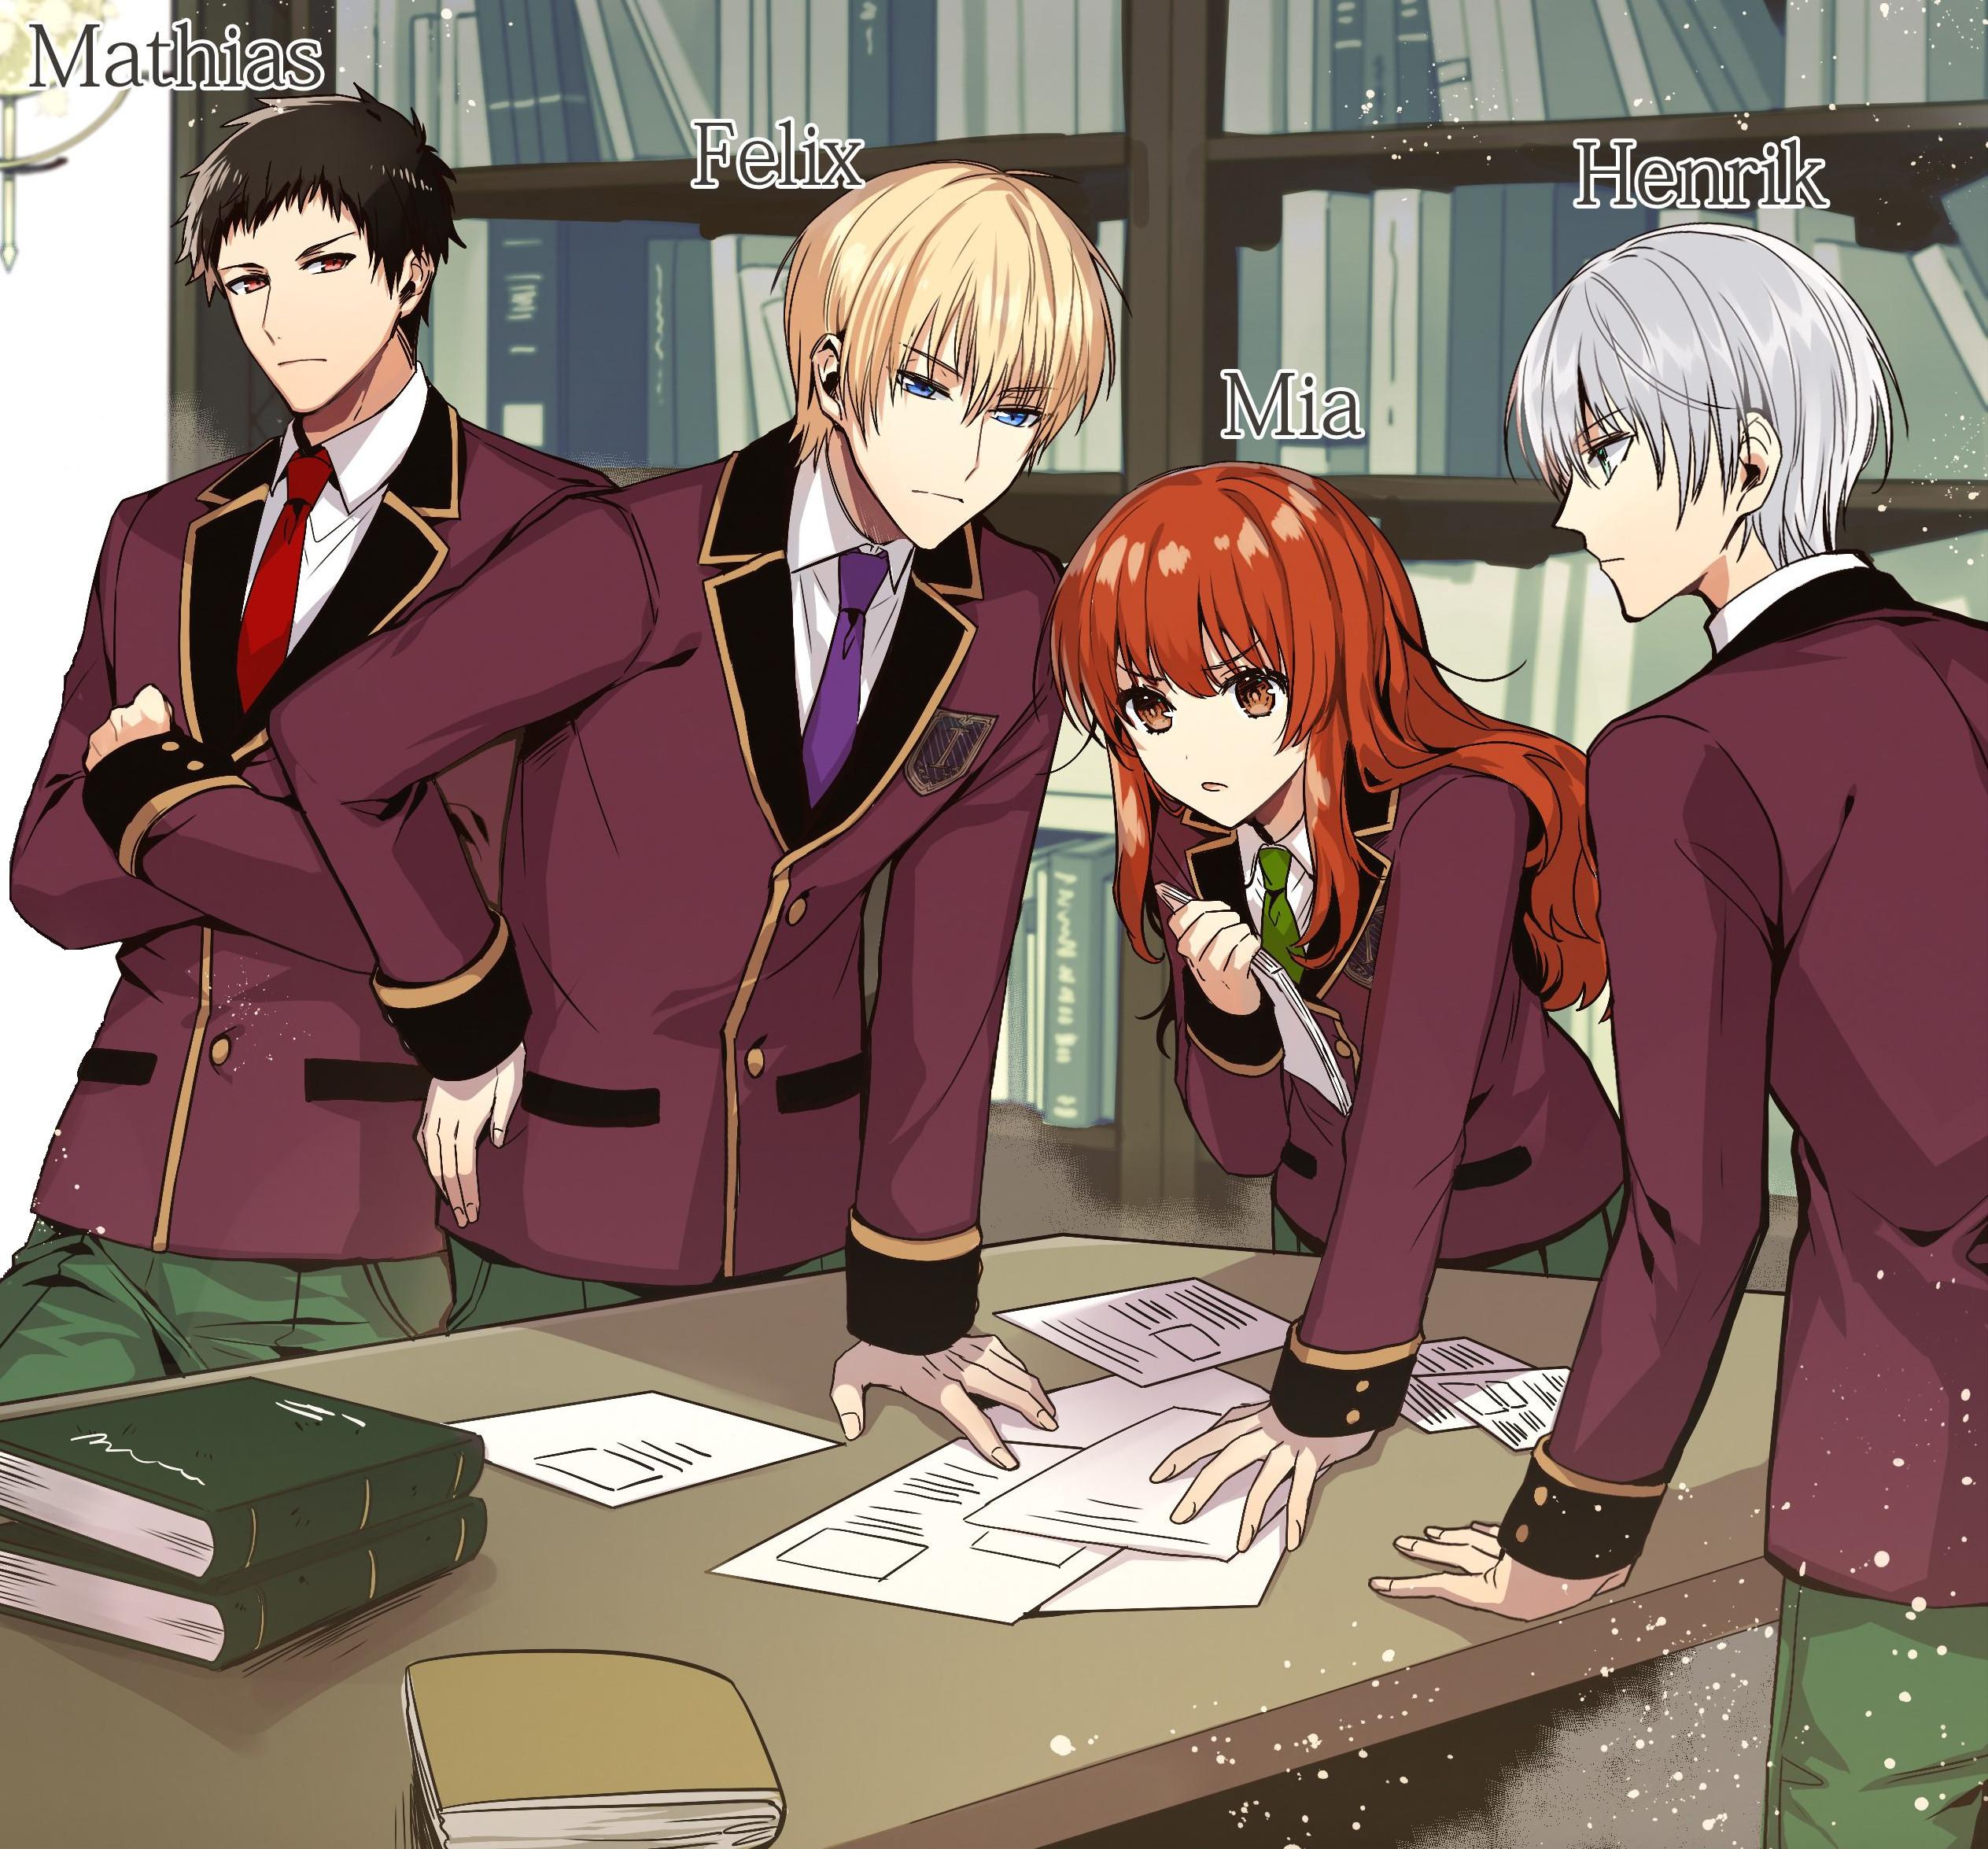 ein Blick auf die Charaktere aus der Light Novel